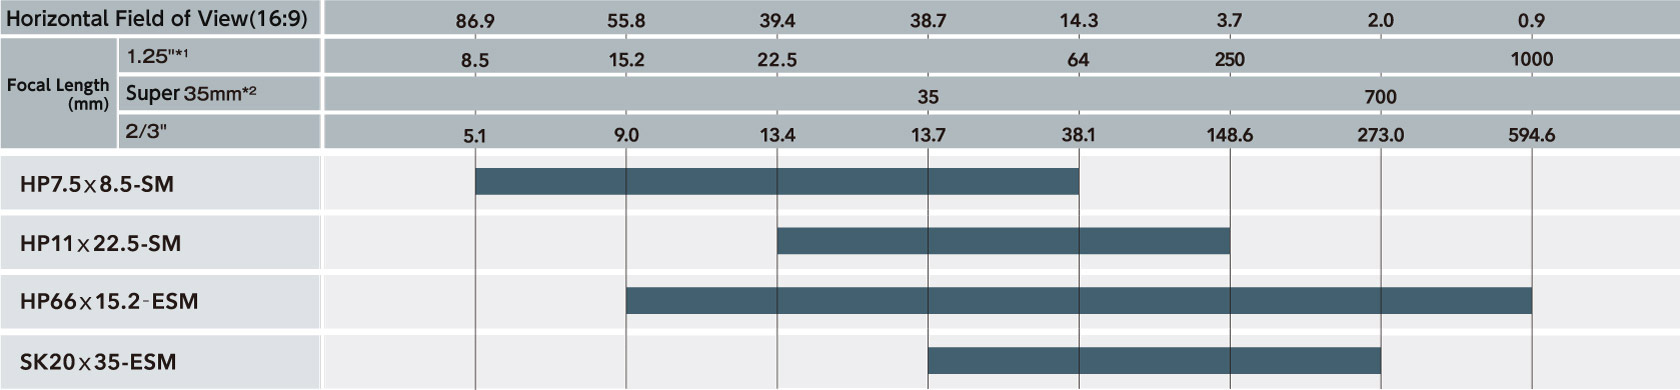 [imagem] Gráfico a comparar o Campo de visualização horizontal (16:9) e o Comprimento focal (mm) por número de modelo